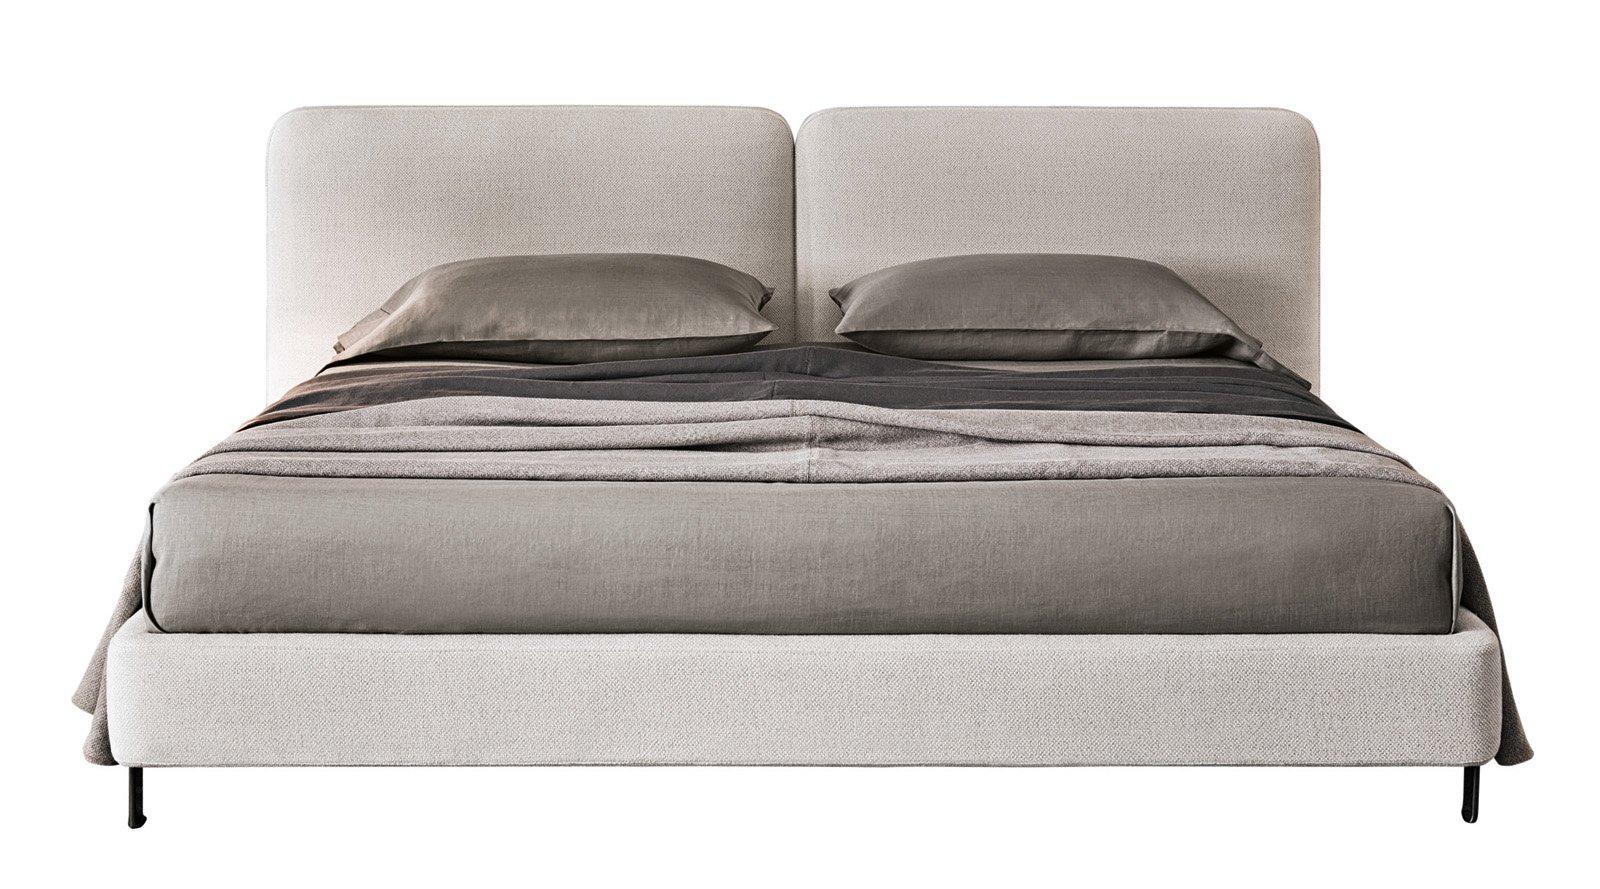 Cuscini testata letto online - Cuscini testata letto ...